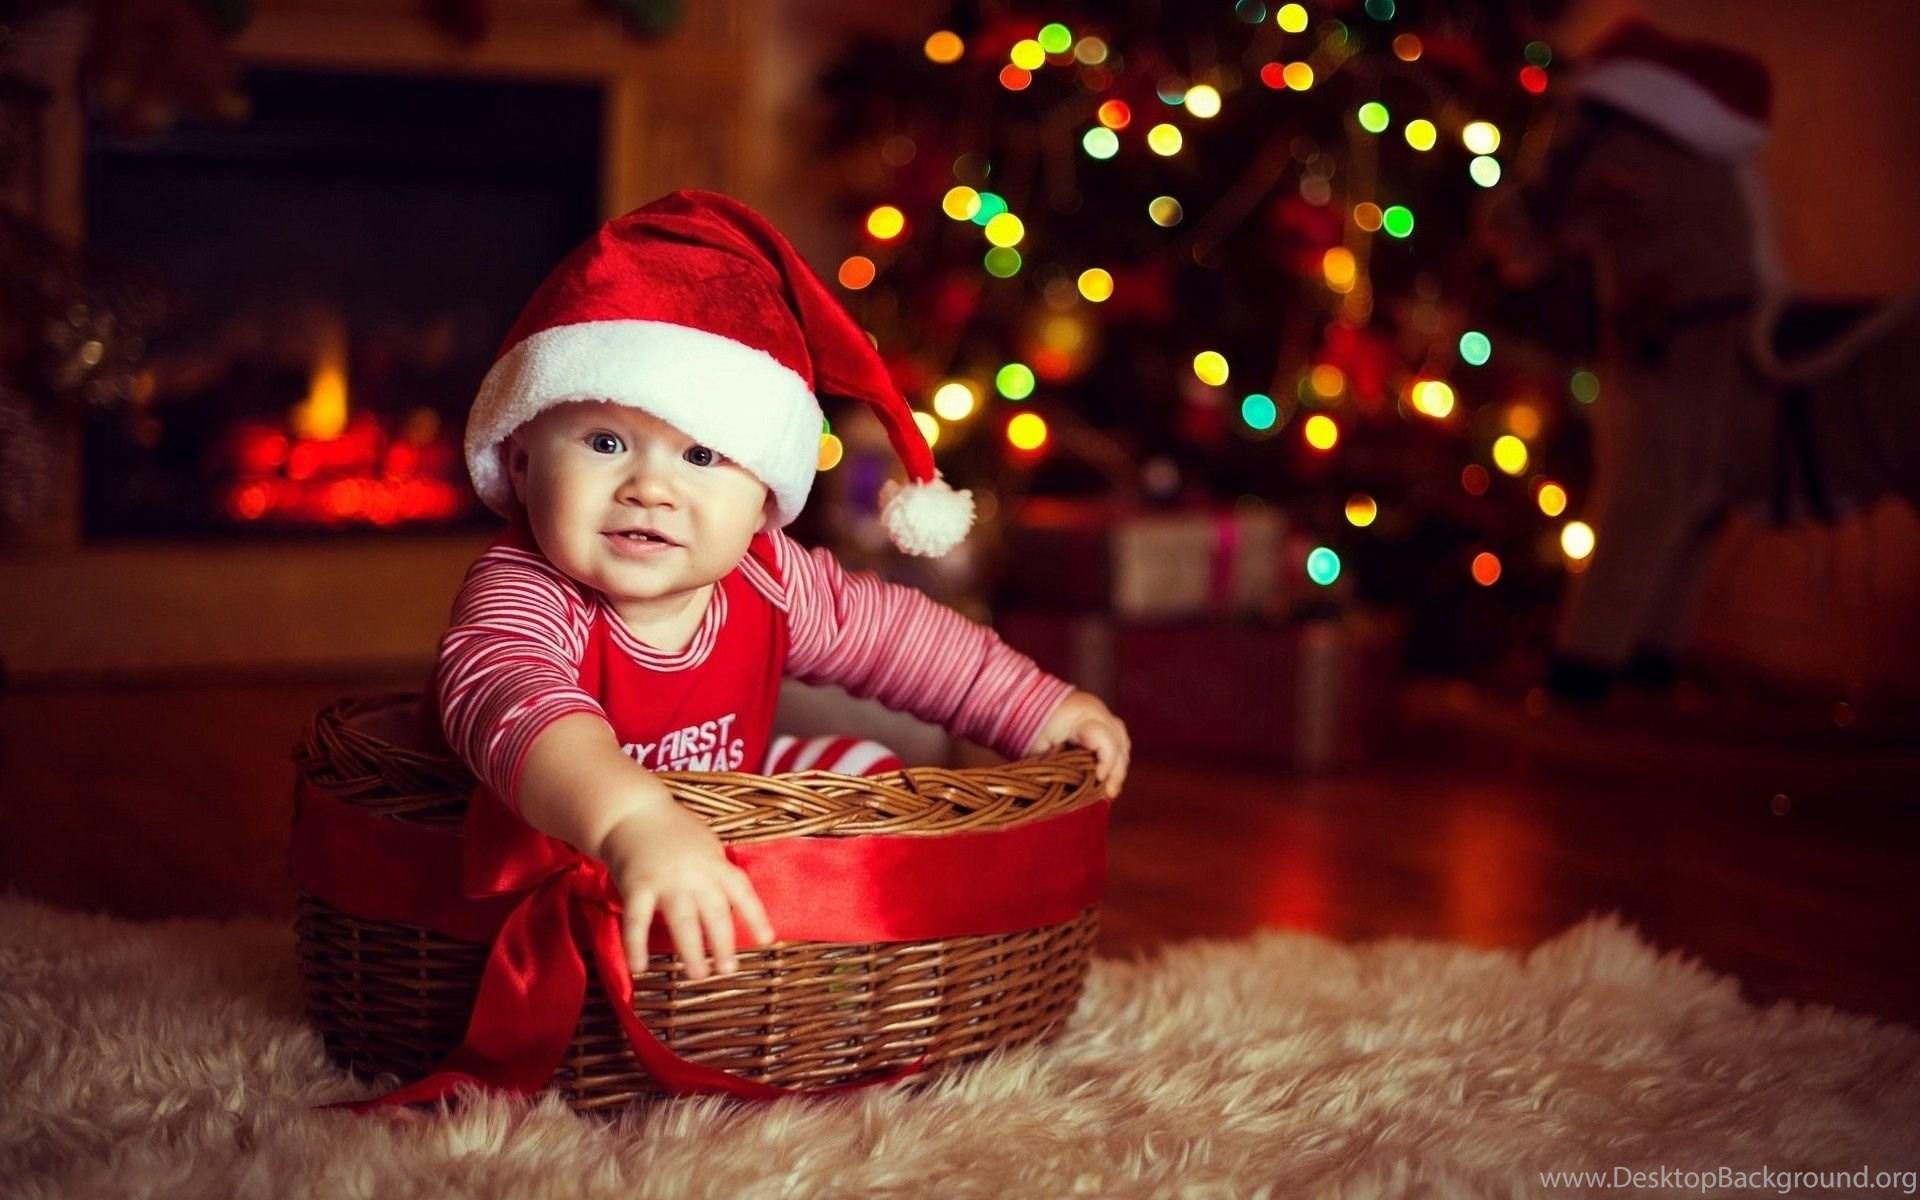 Подарок для годовалого ребенка на новый год